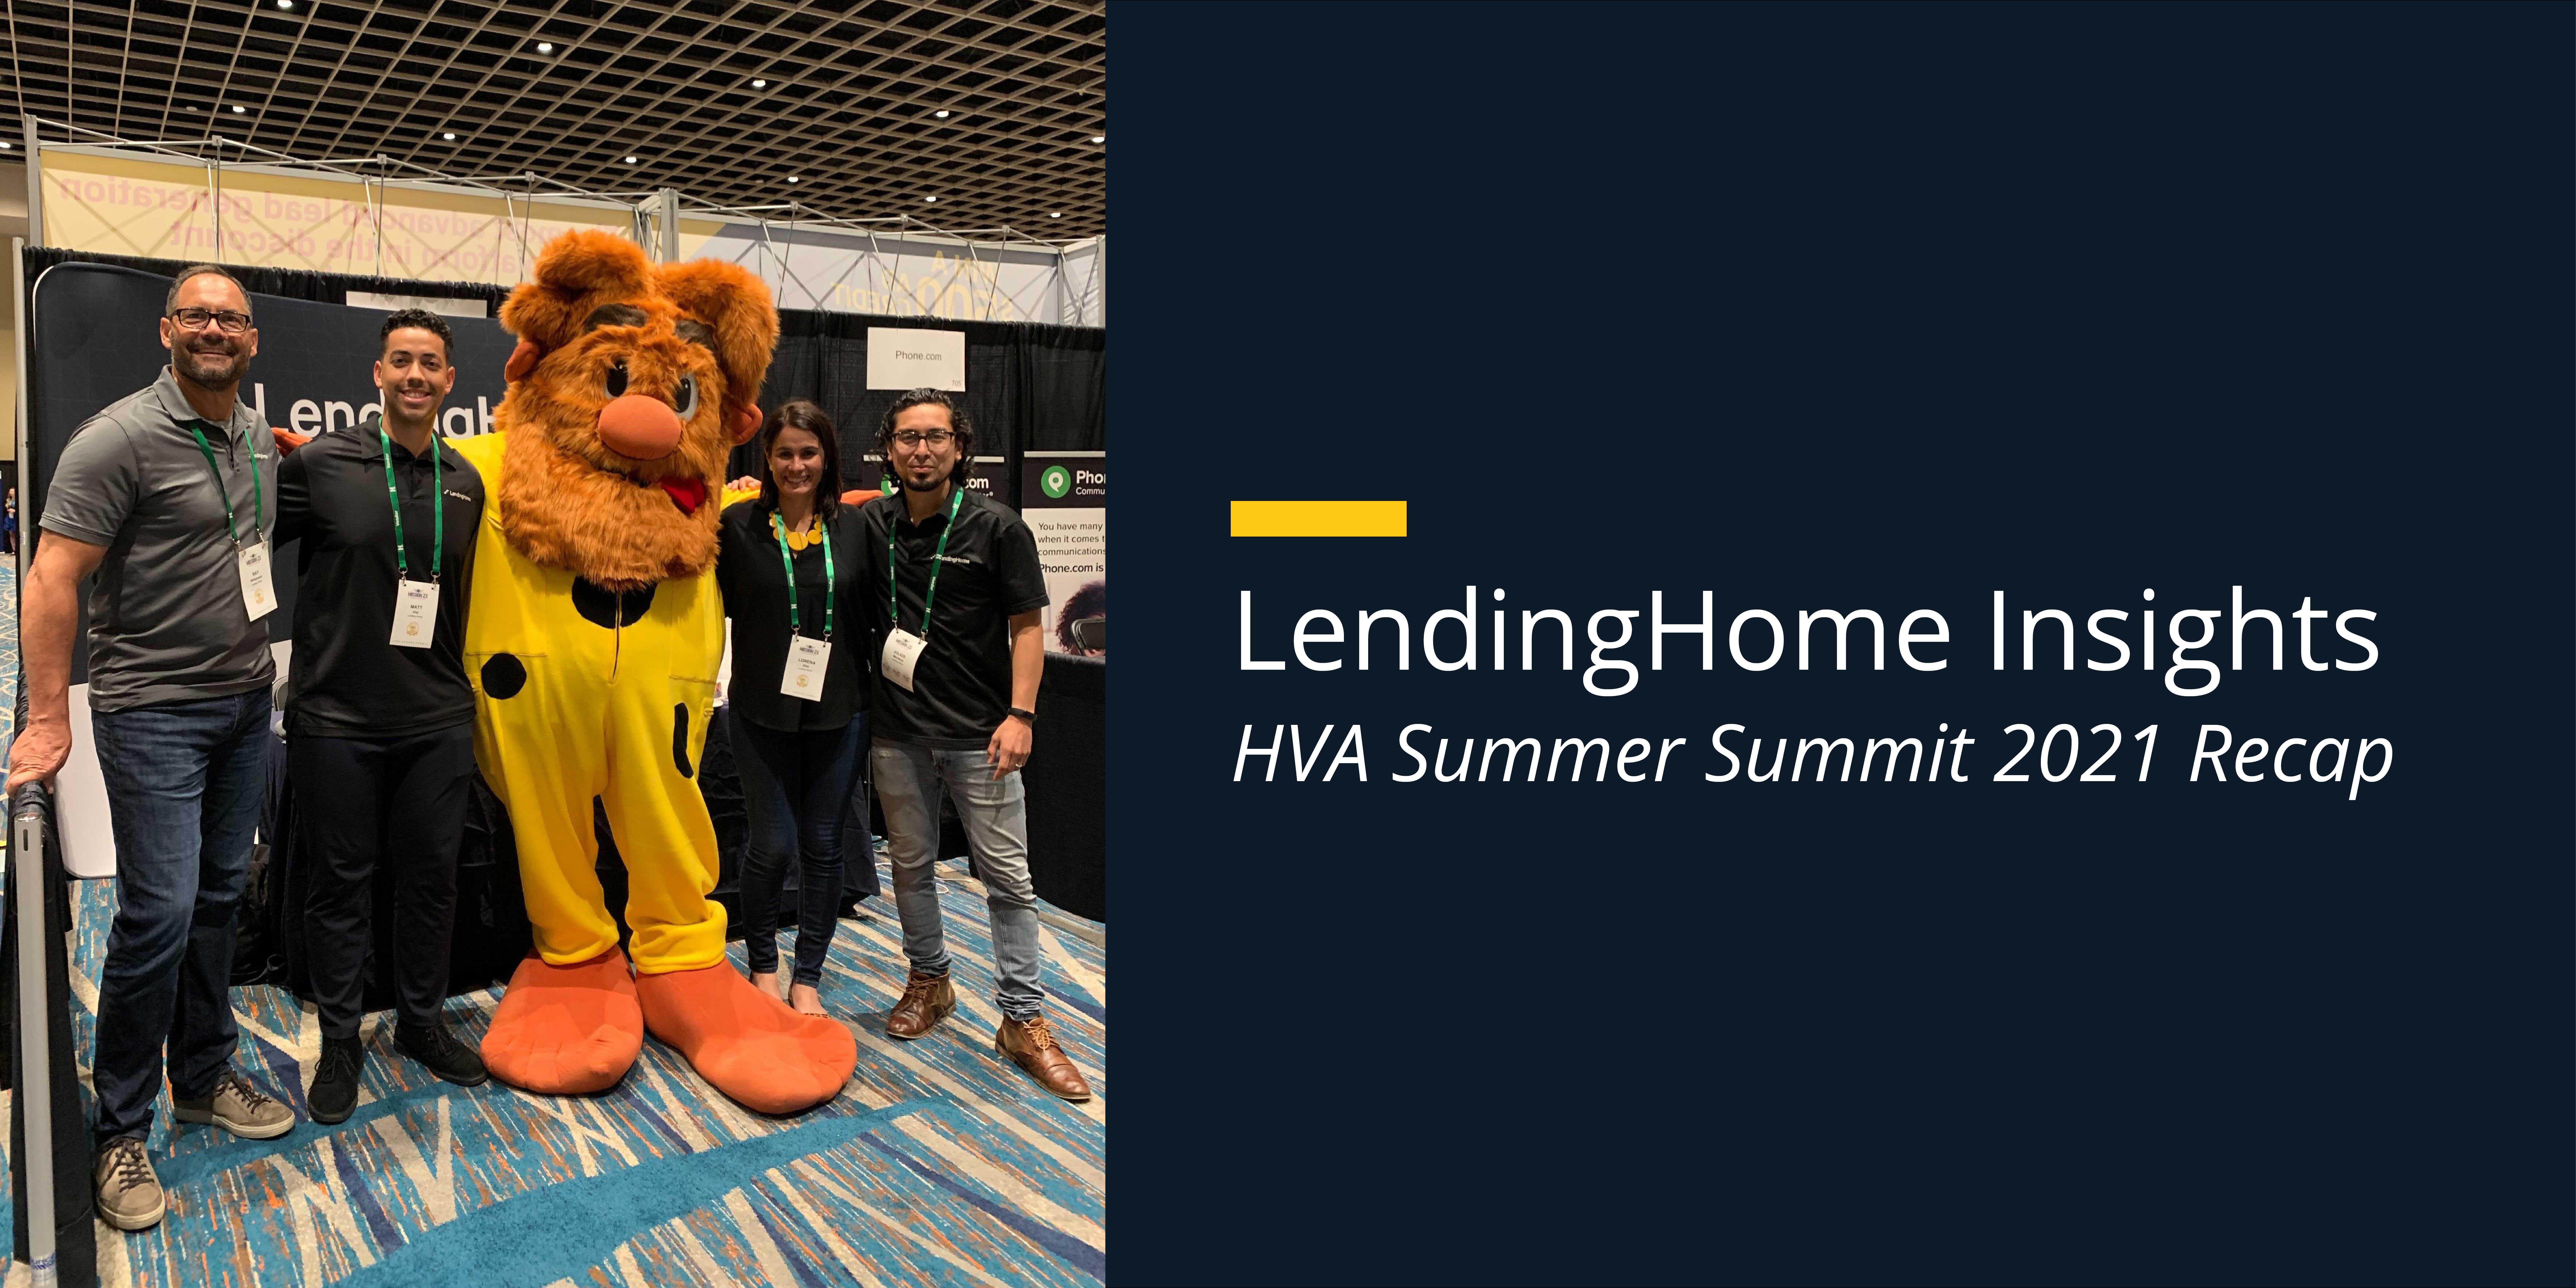 Recap on HVA Summer Summit 2021